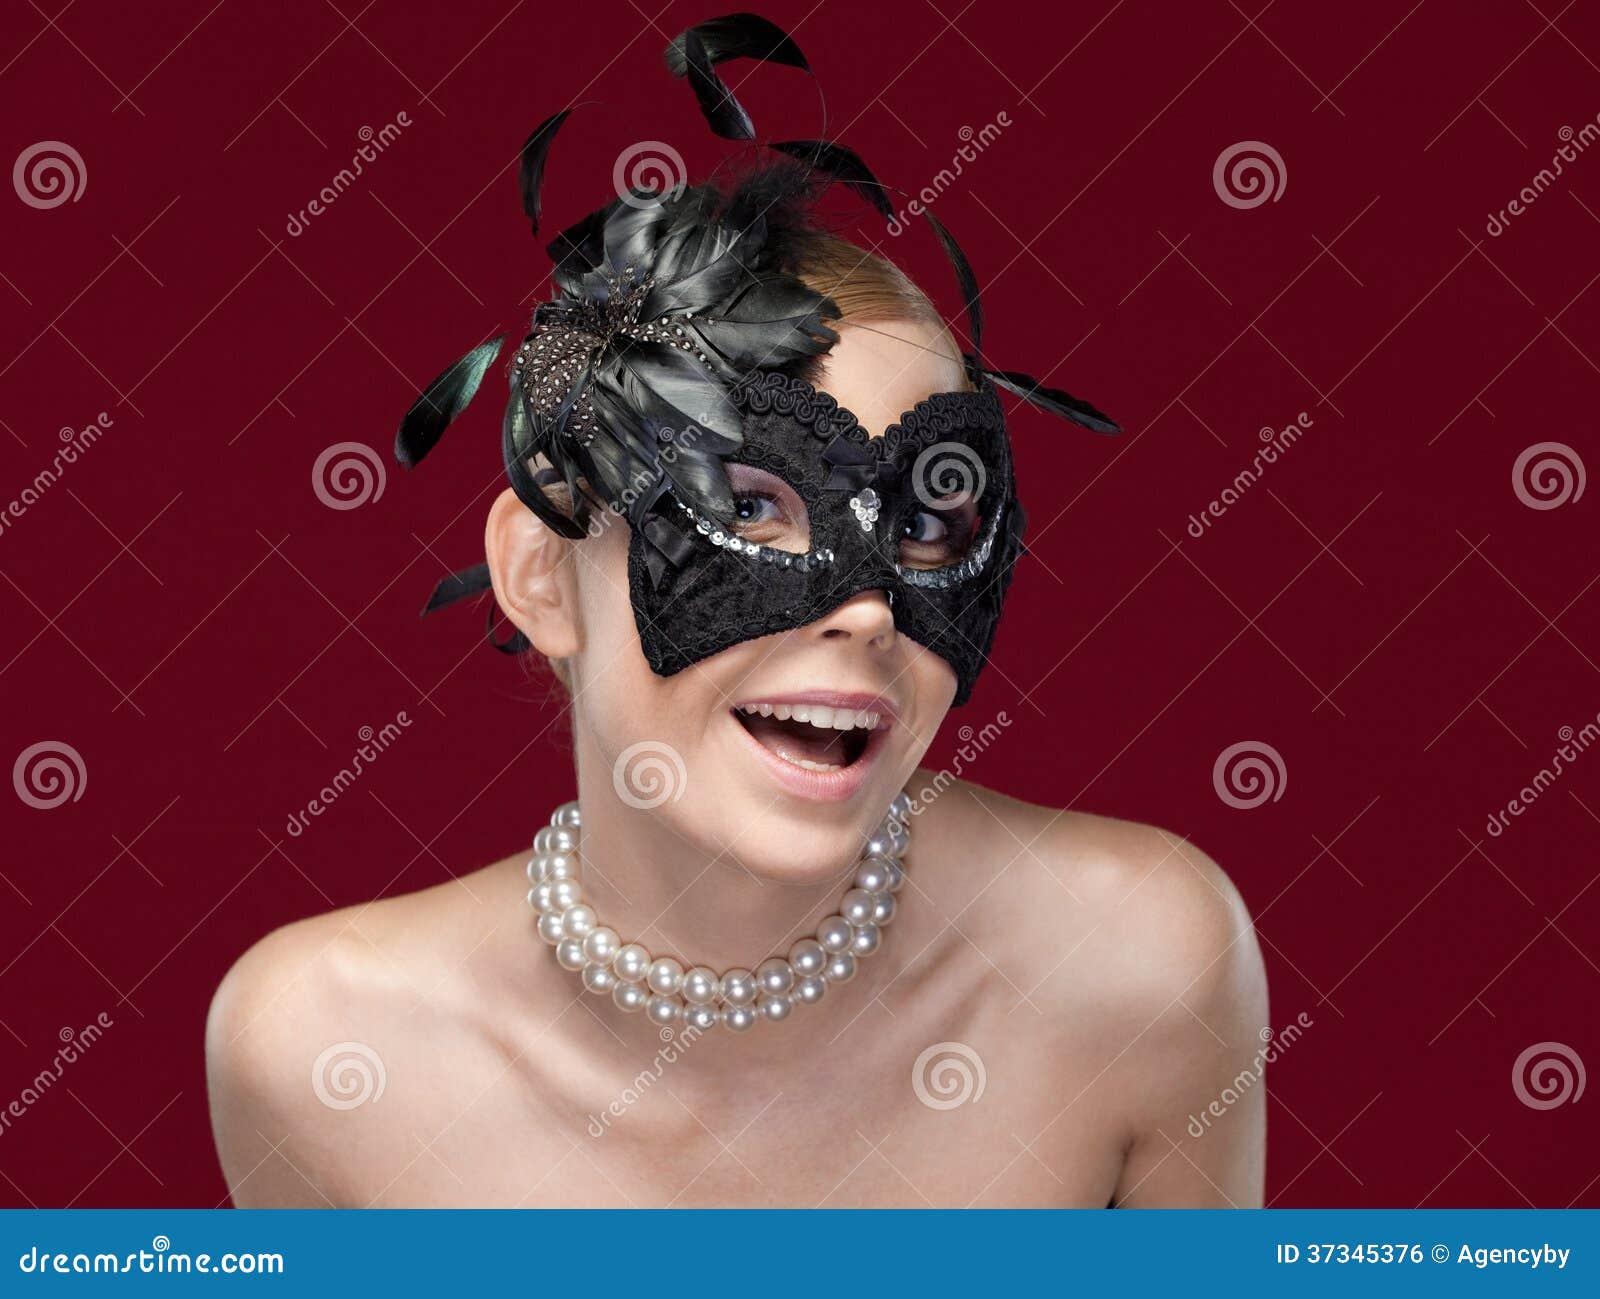 有黑化妆舞会面具的少妇与羽毛,隔绝在紫色.图片